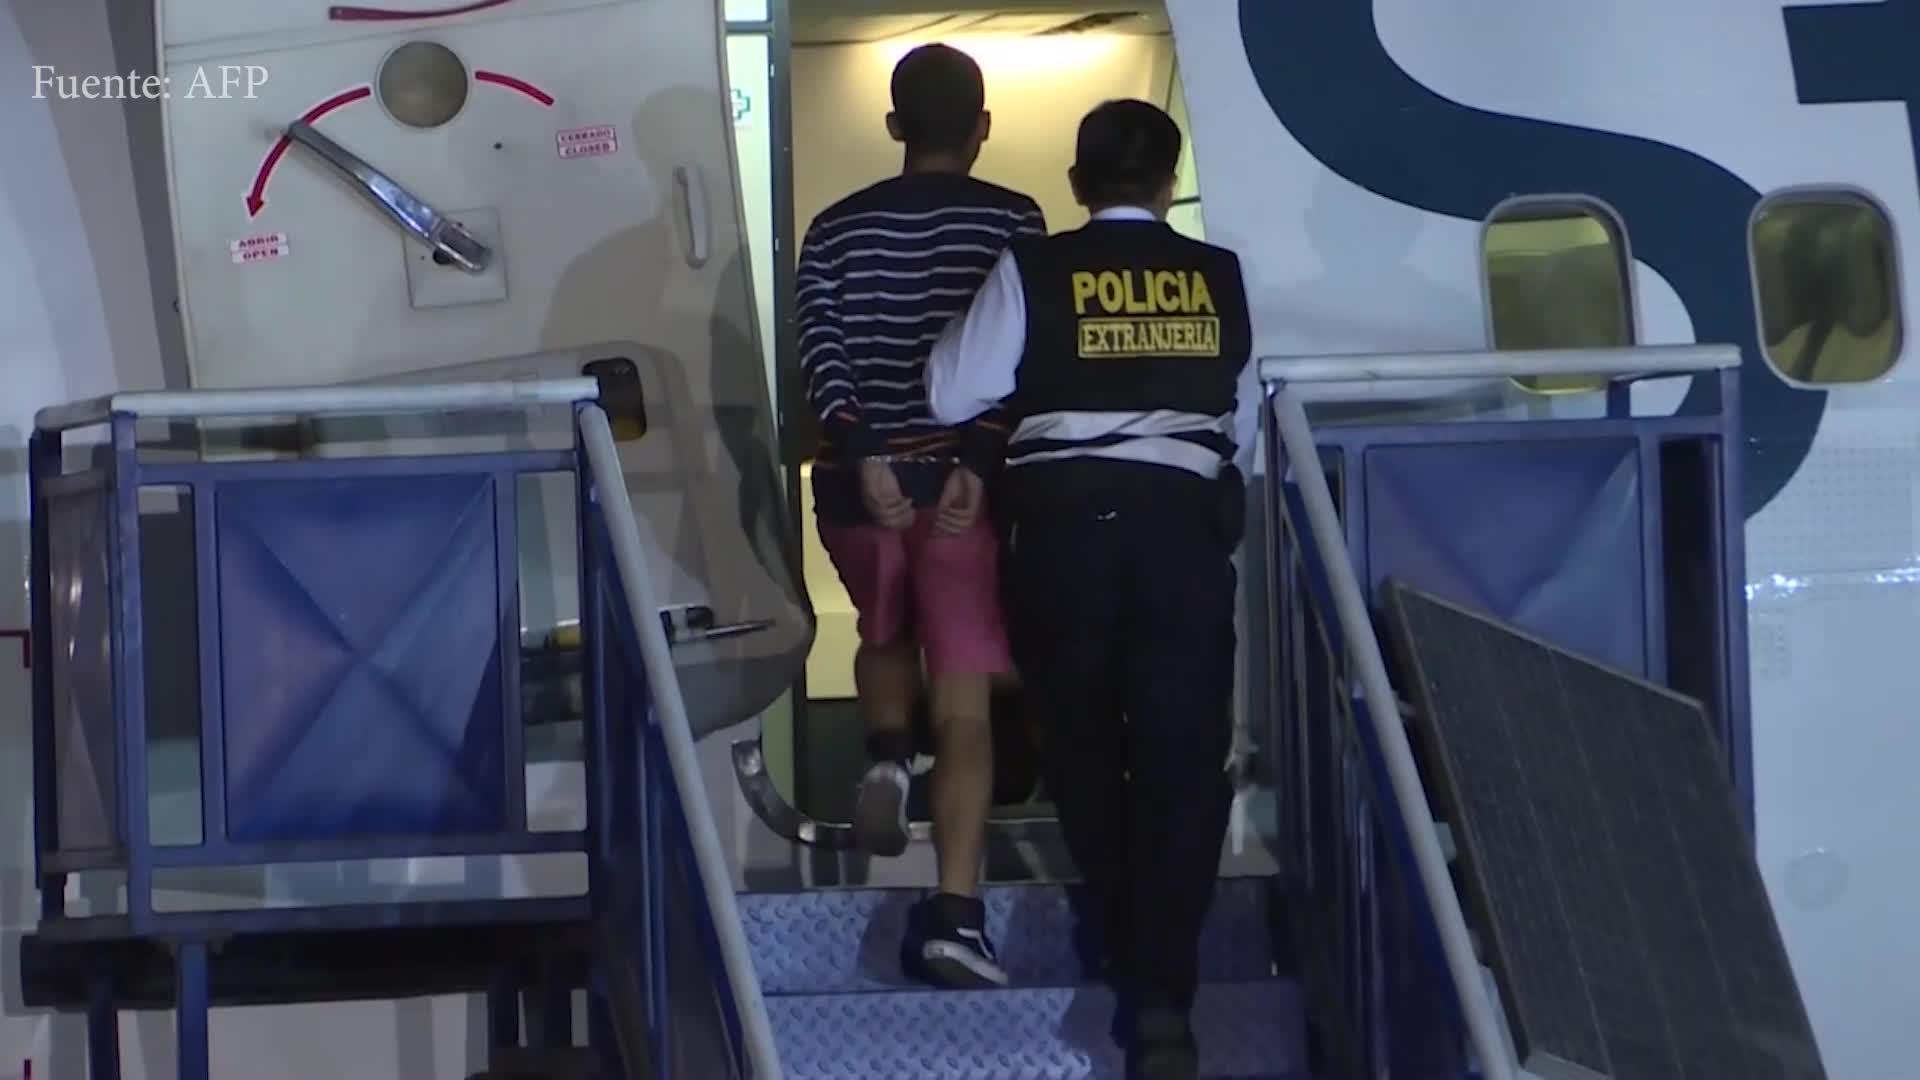 Perú expulsa a 131 ciudadanos extranjeros con antecedentes criminales